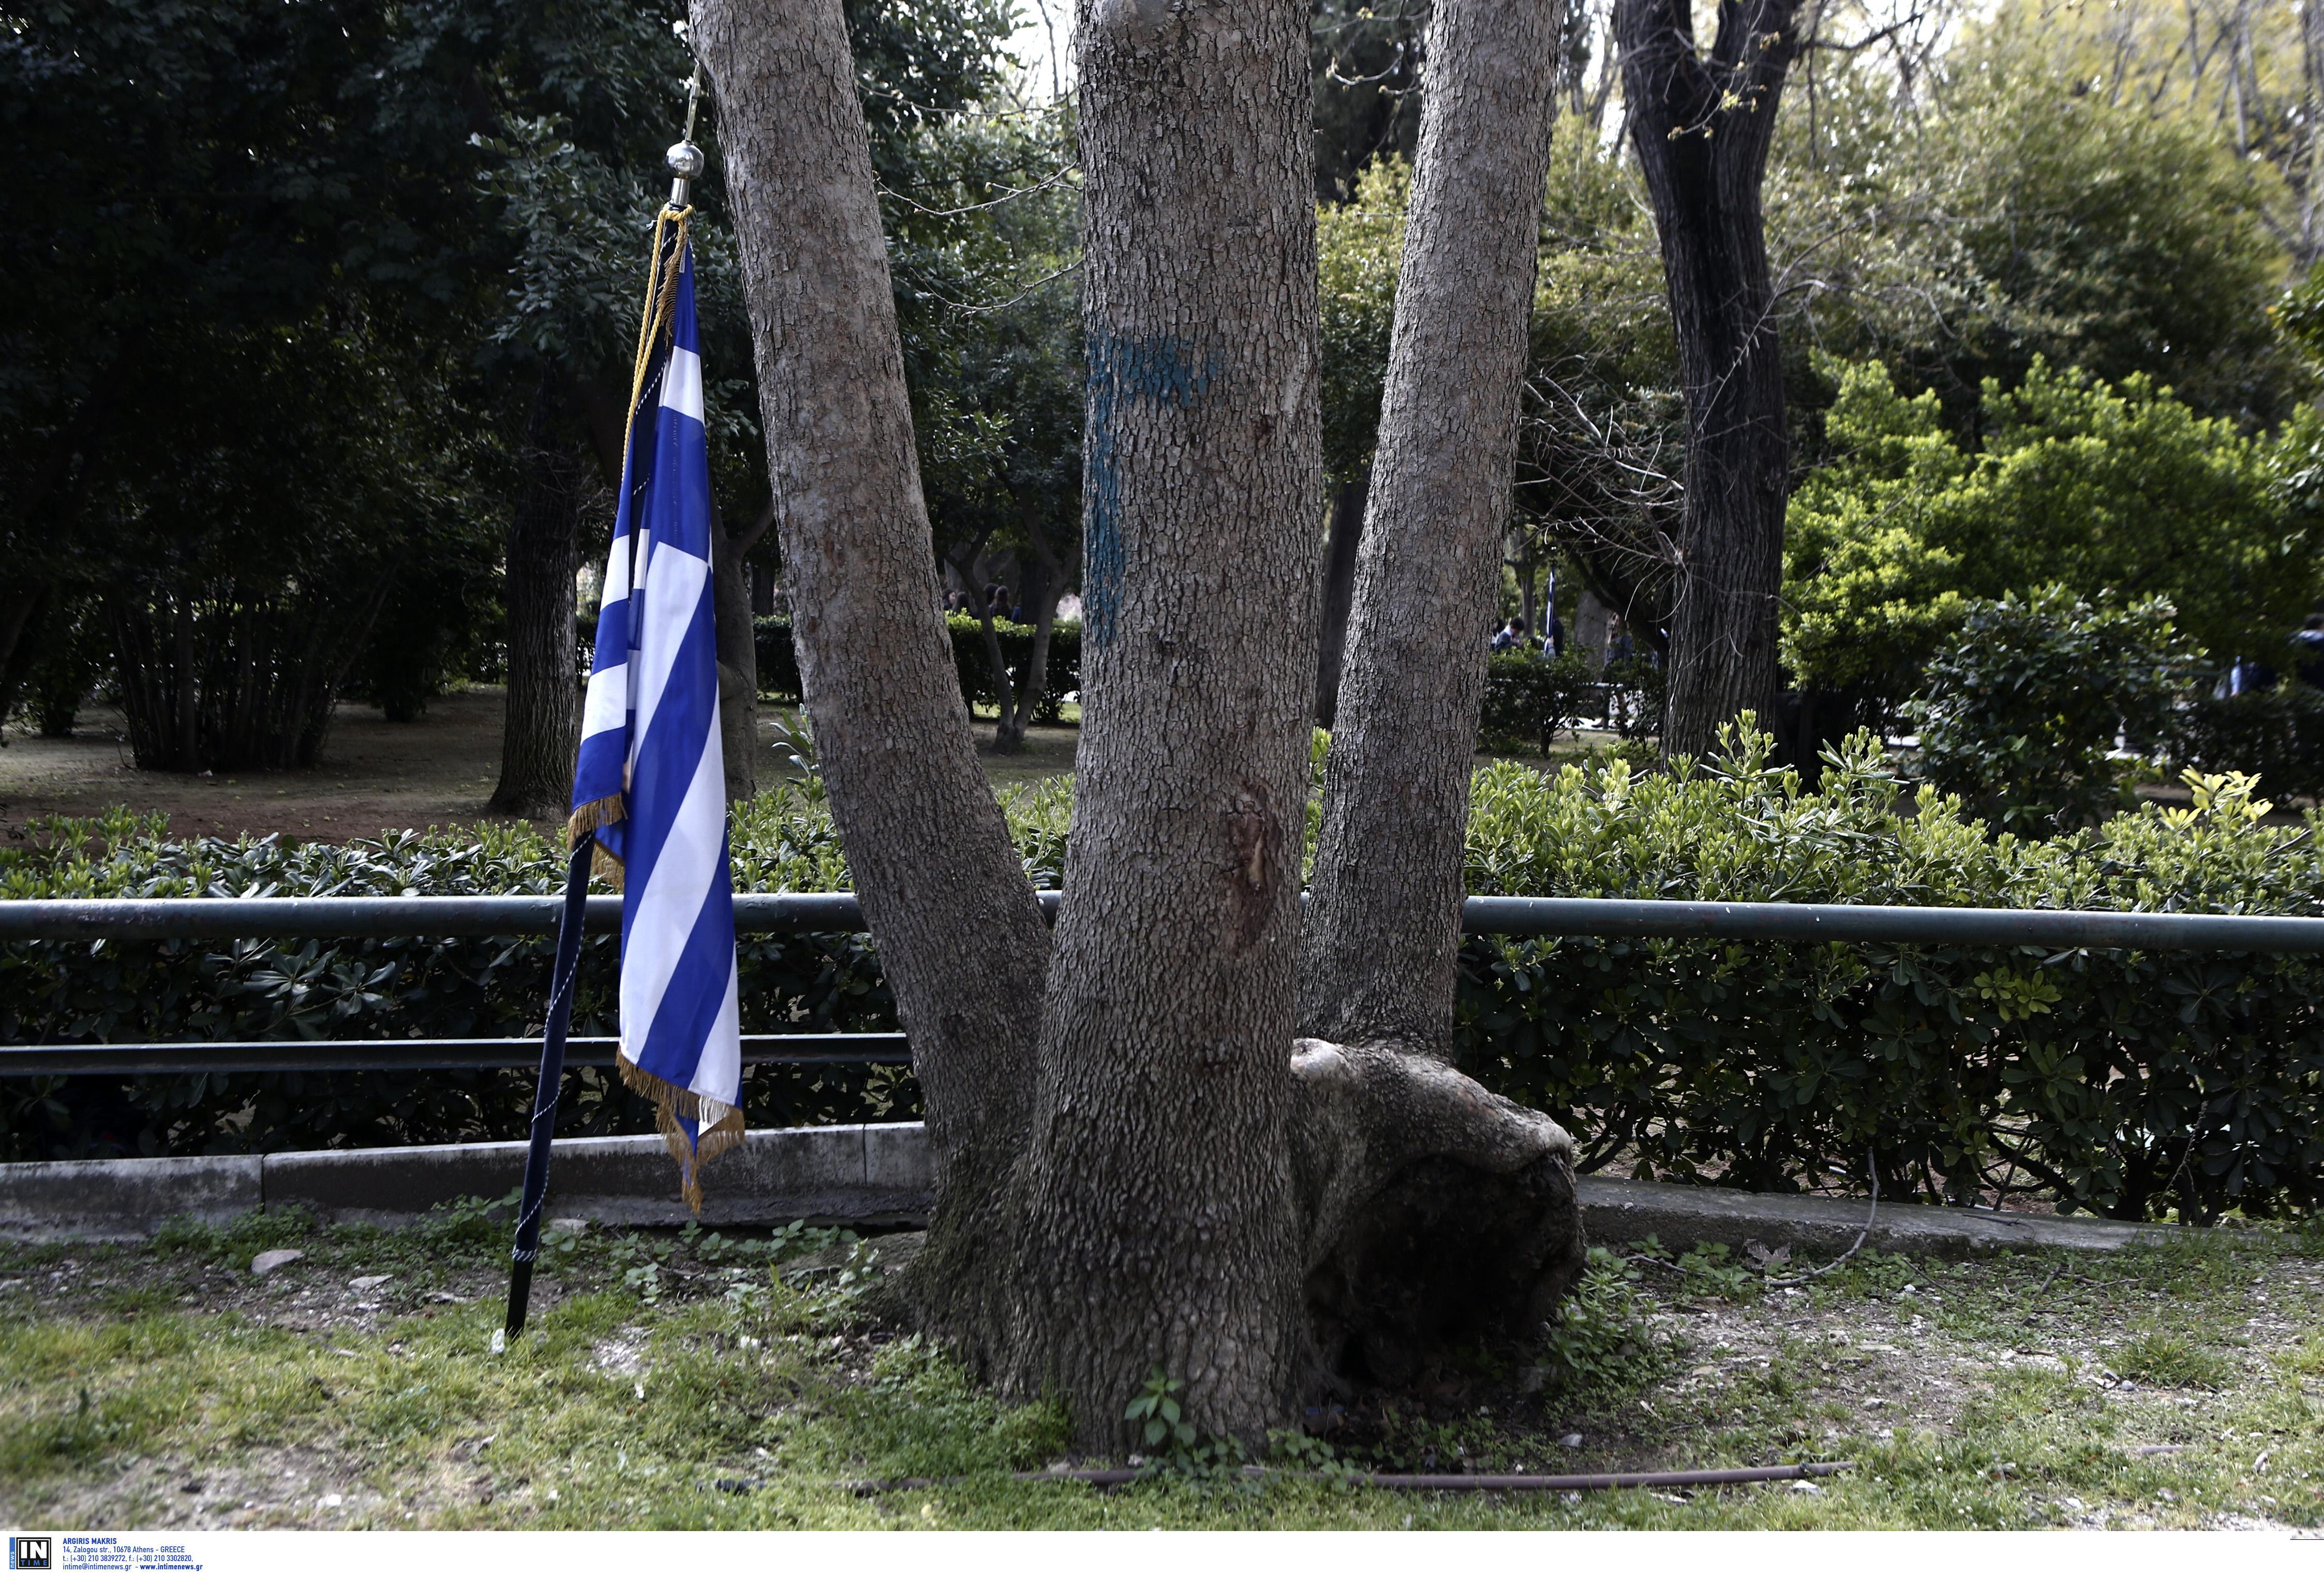 Μεθυσμένος αστυνομικός εκτός υπηρεσίας, έκαψε την ελληνική σημαία στα Πατήσια